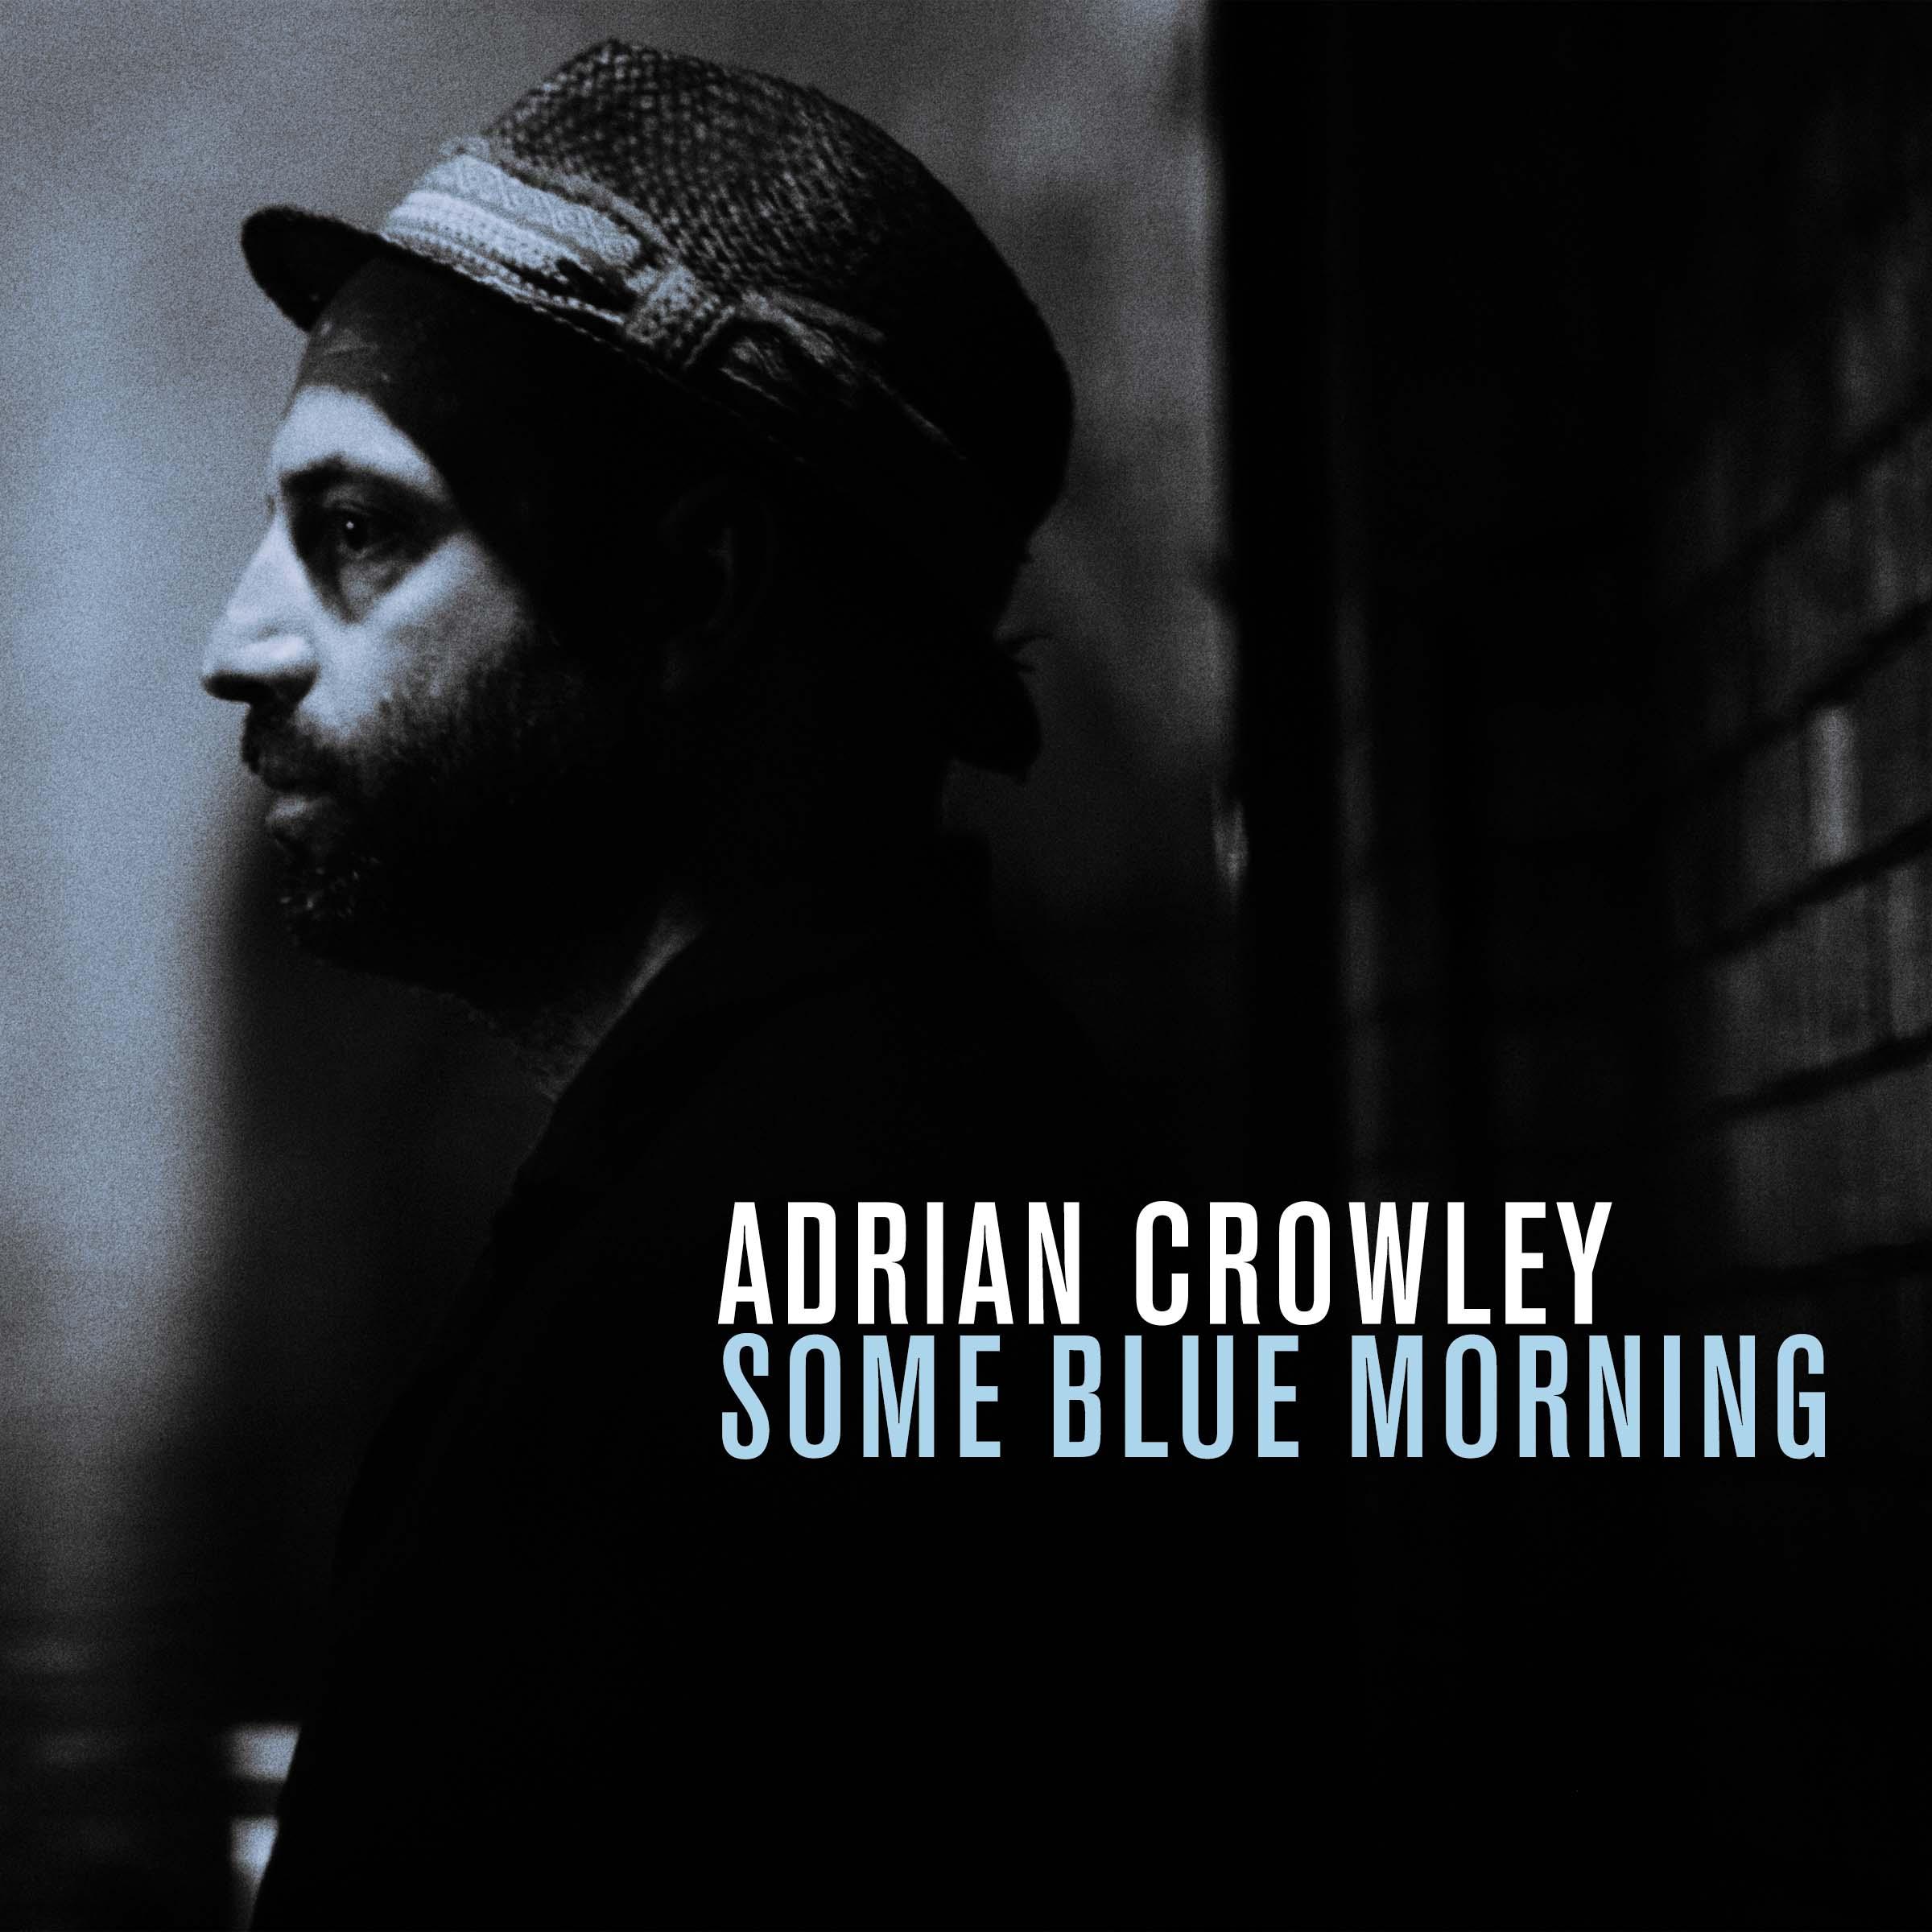 Adrian Crowley - Some Blue Morning - Deluxe Vinyl (2014) - Adrian Crowley